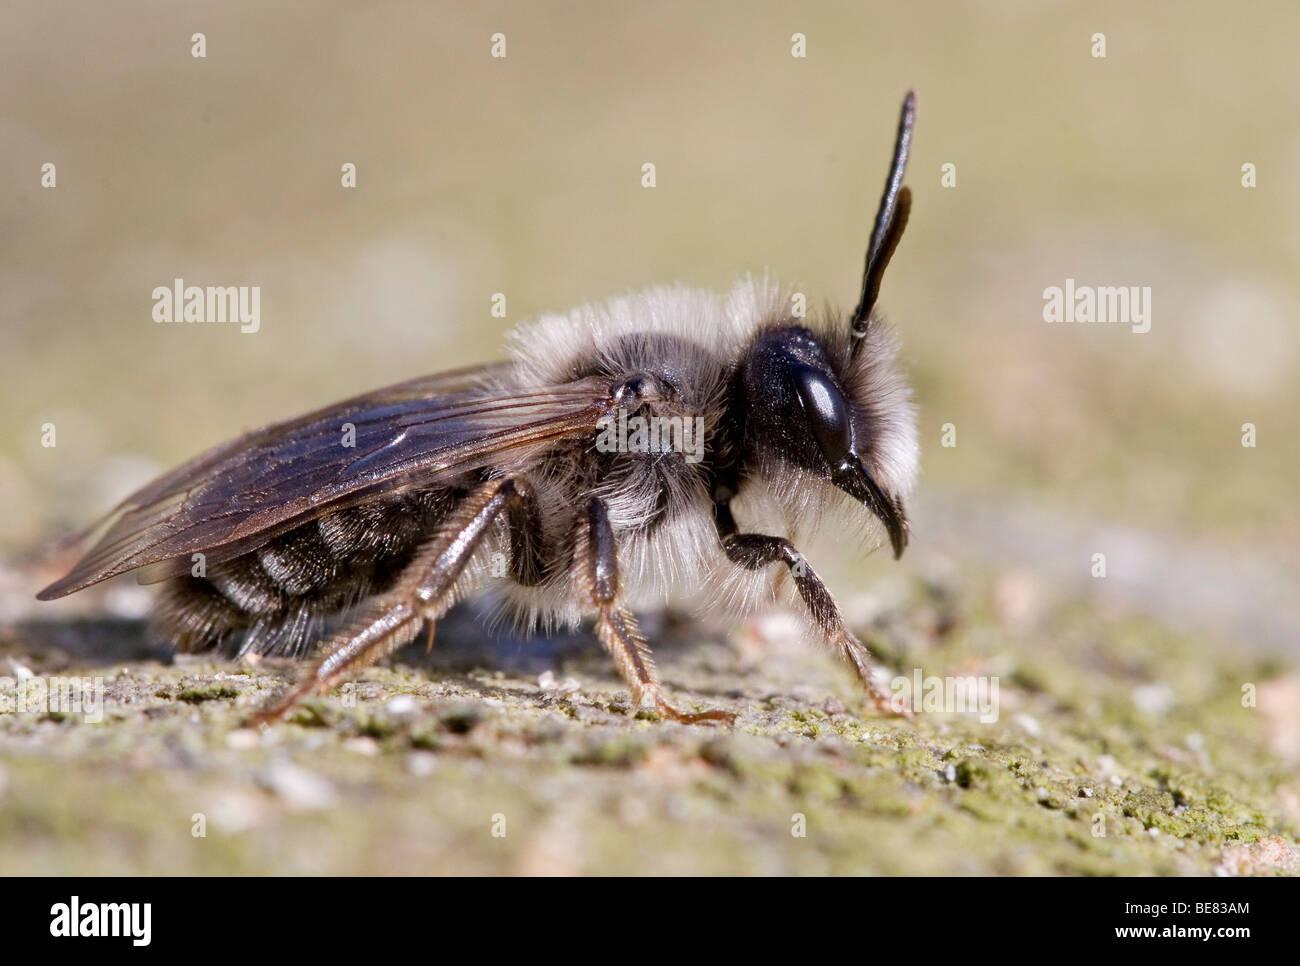 Zanbij op een boom; Minig bee on a tree. - Stock Image